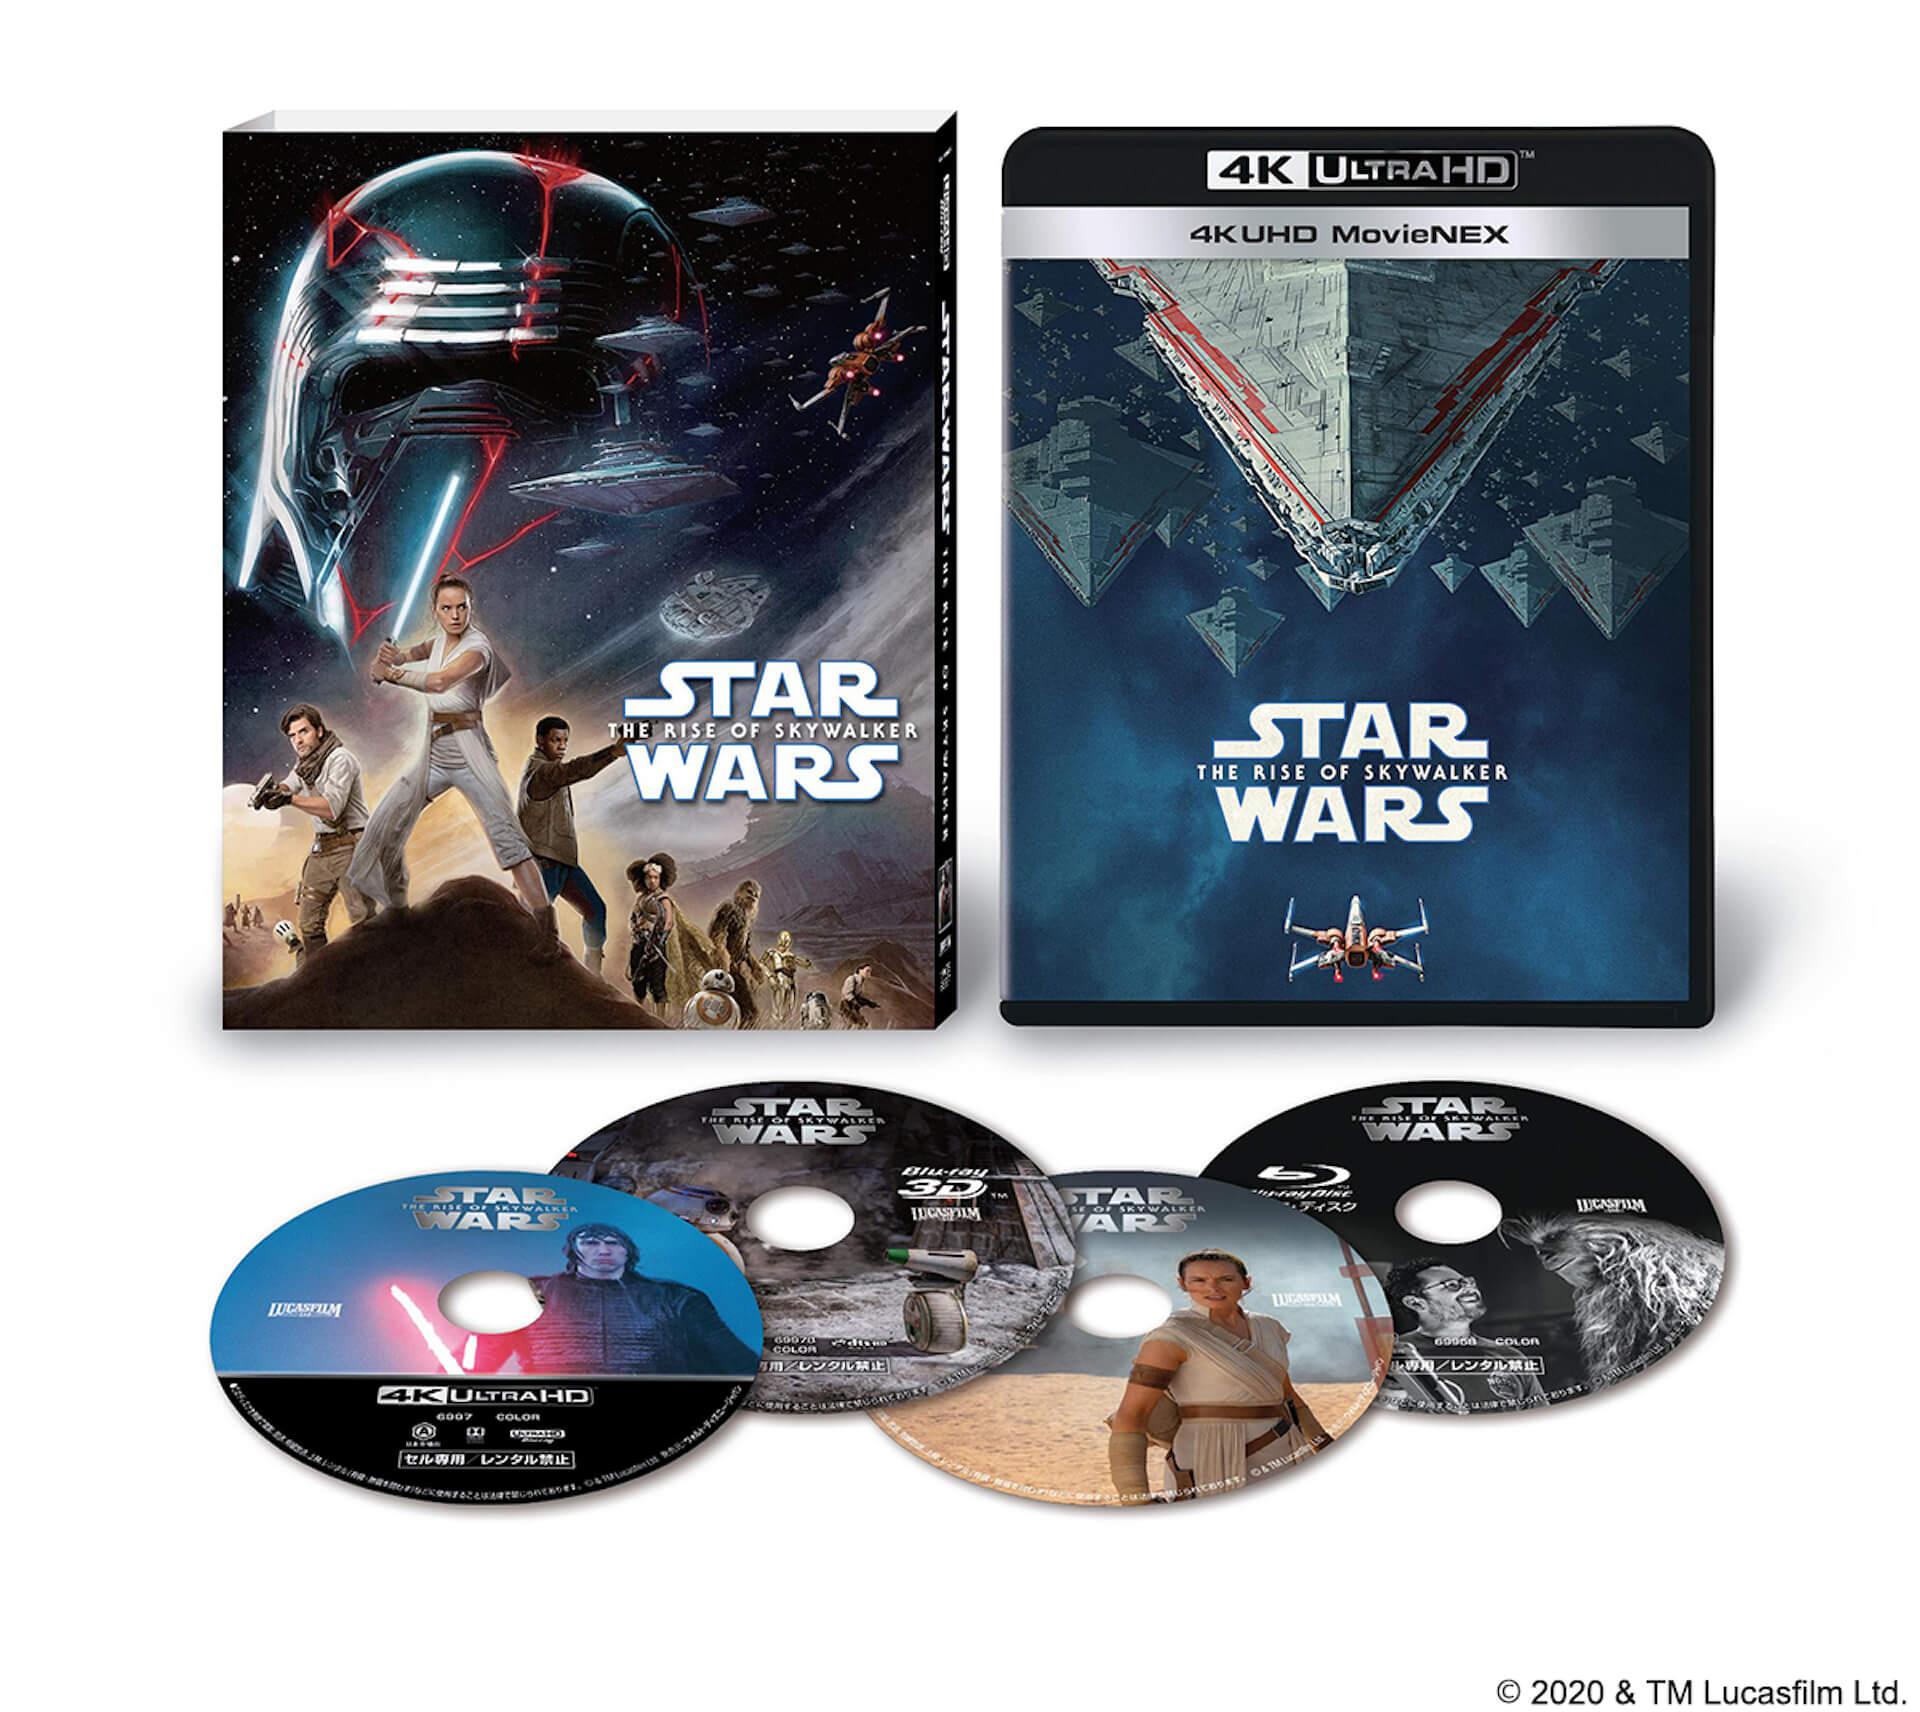 「スター・ウォーズ」シリーズをすべて渡り歩いたC-3PO俳優アンソニー・ダニエルズの舞台裏を収めた映像が解禁! film200424_starwars_3